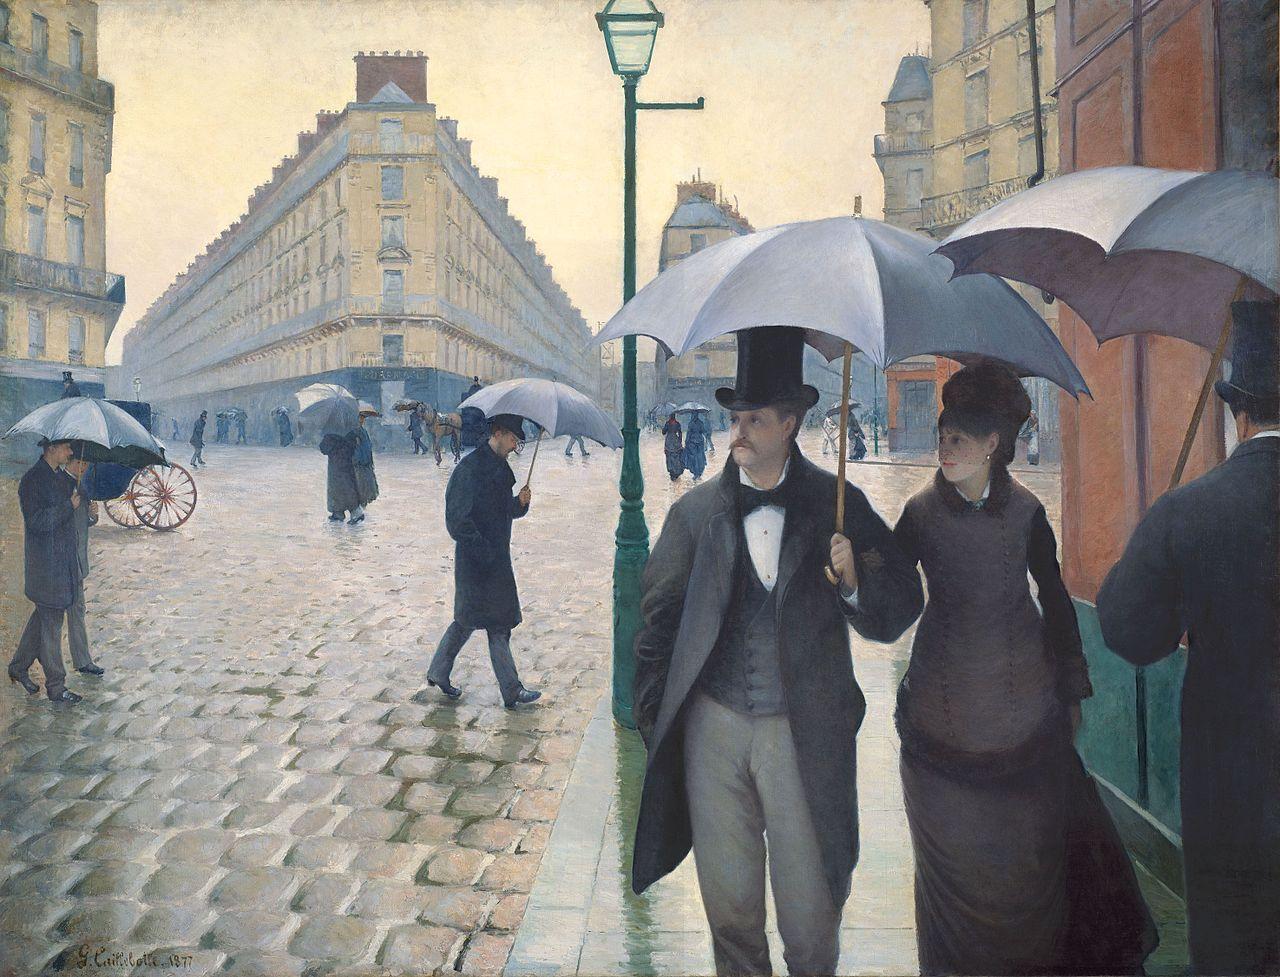 From Wikiwand: Гюстав Кайботт. Дождливый день в Батиньольском квартале 1877. Институт искусств, Чикаго